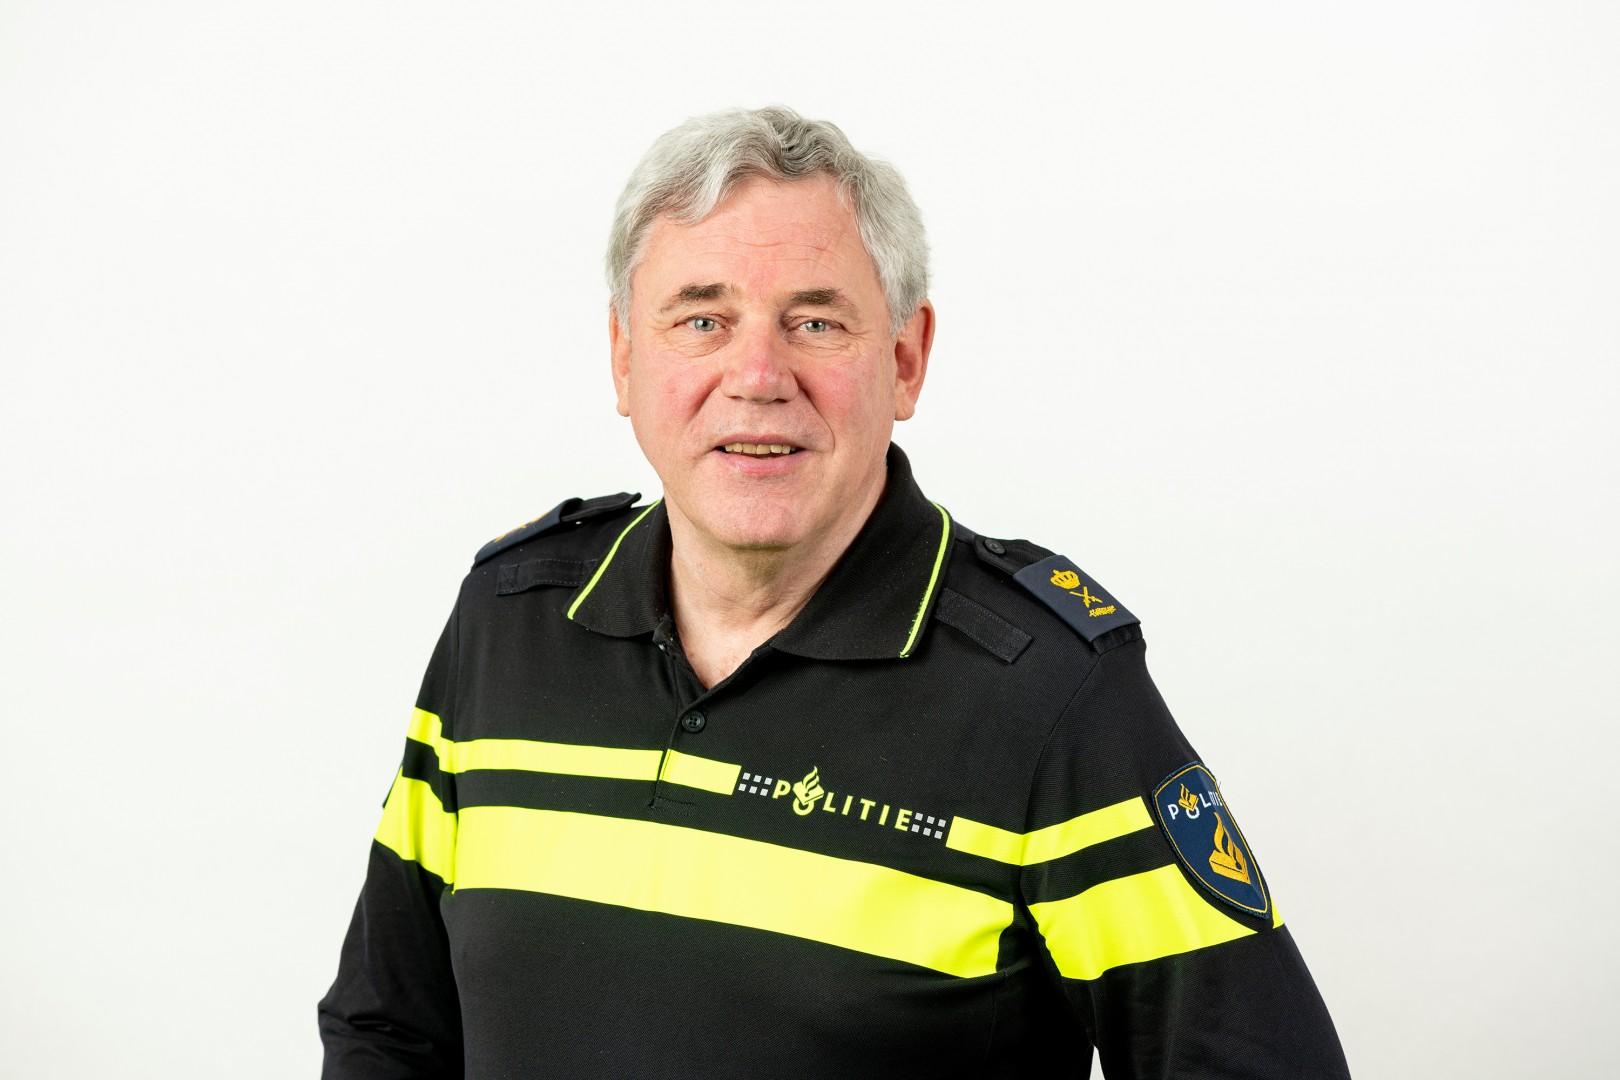 Willem Woelders